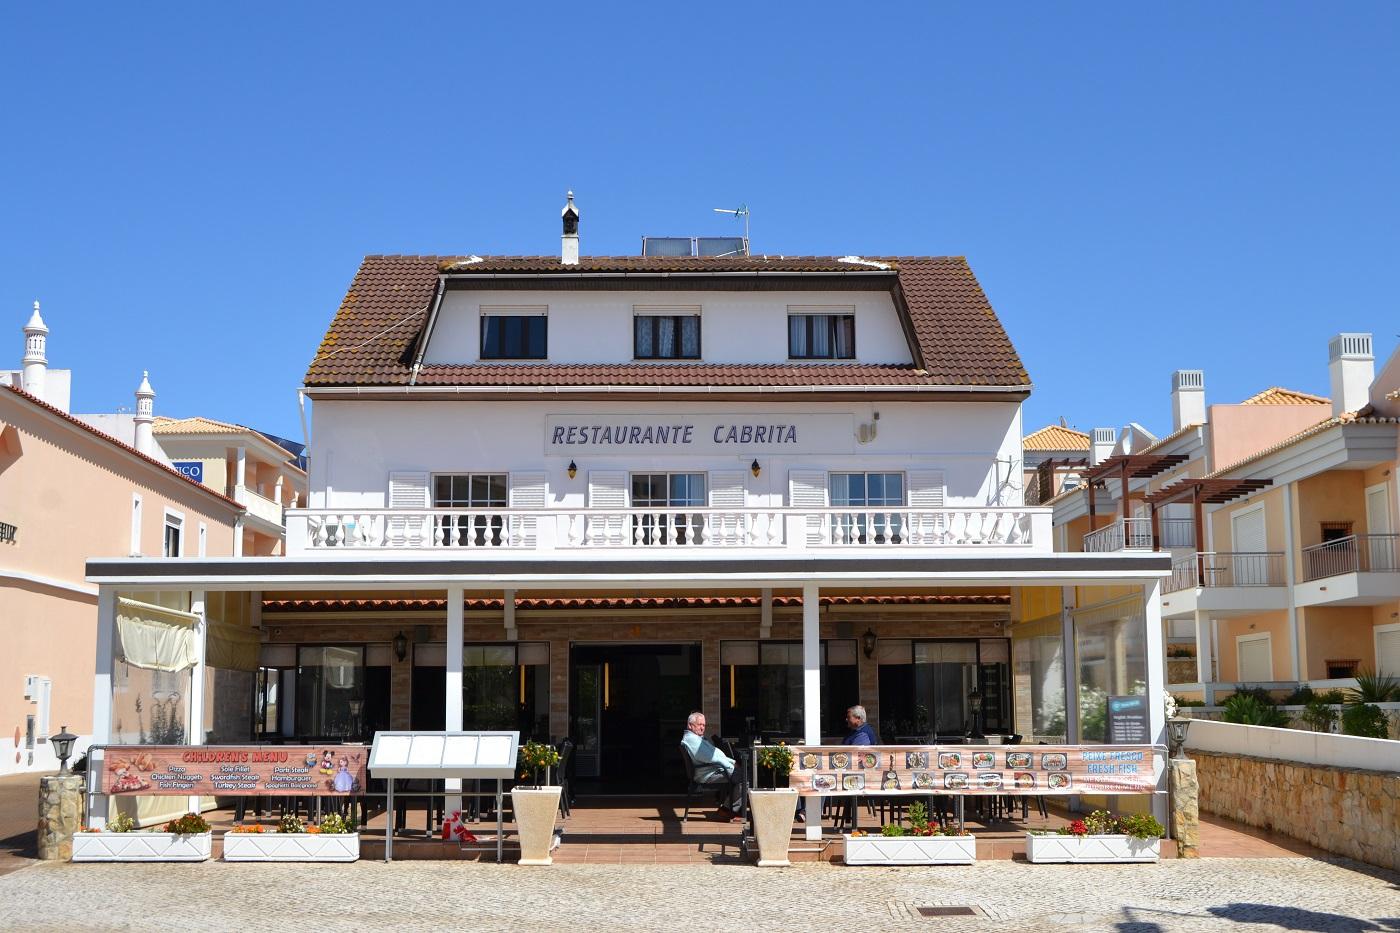 Restaurante Cabrita